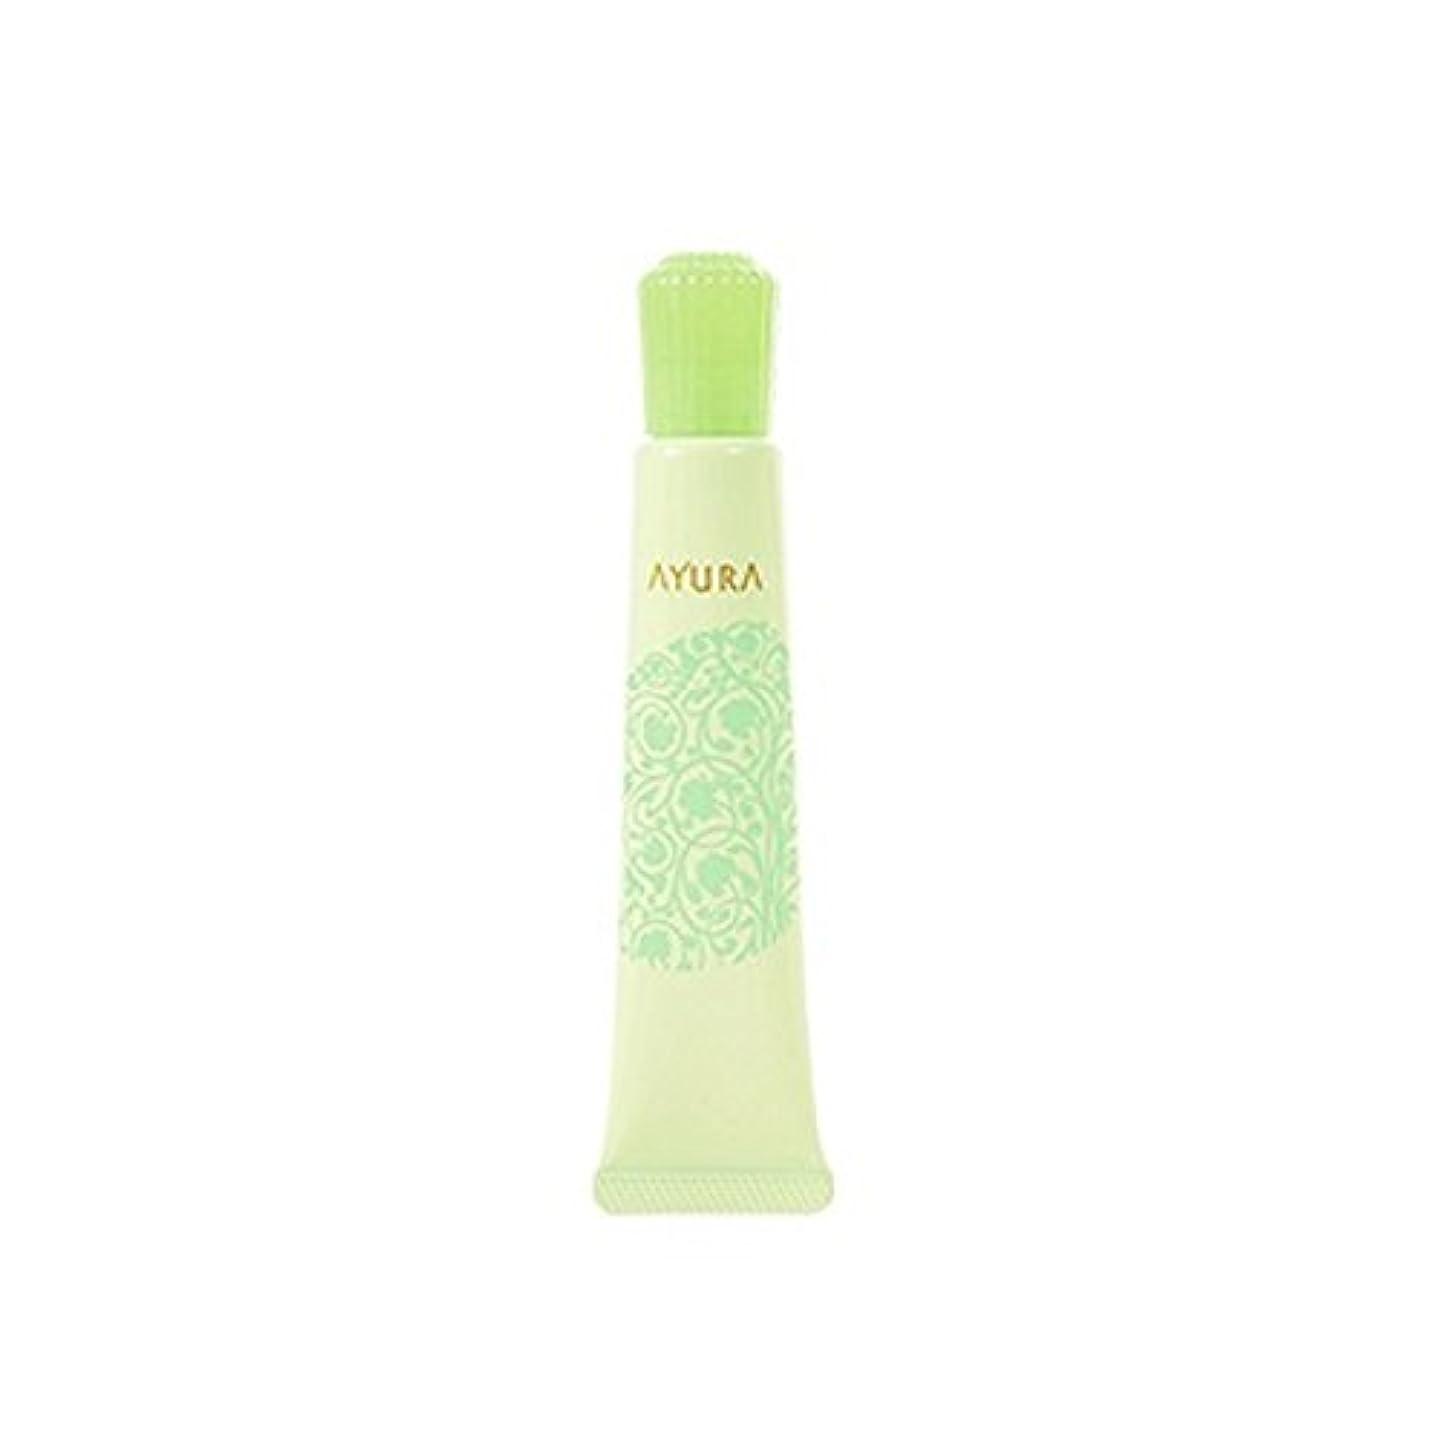 尊厳エンドテーブルパーツアユーラ (AYURA) ハンドオアシス 〈ハンド用美容液〉 アロマティックハーブとユーカリの軽やかな香り